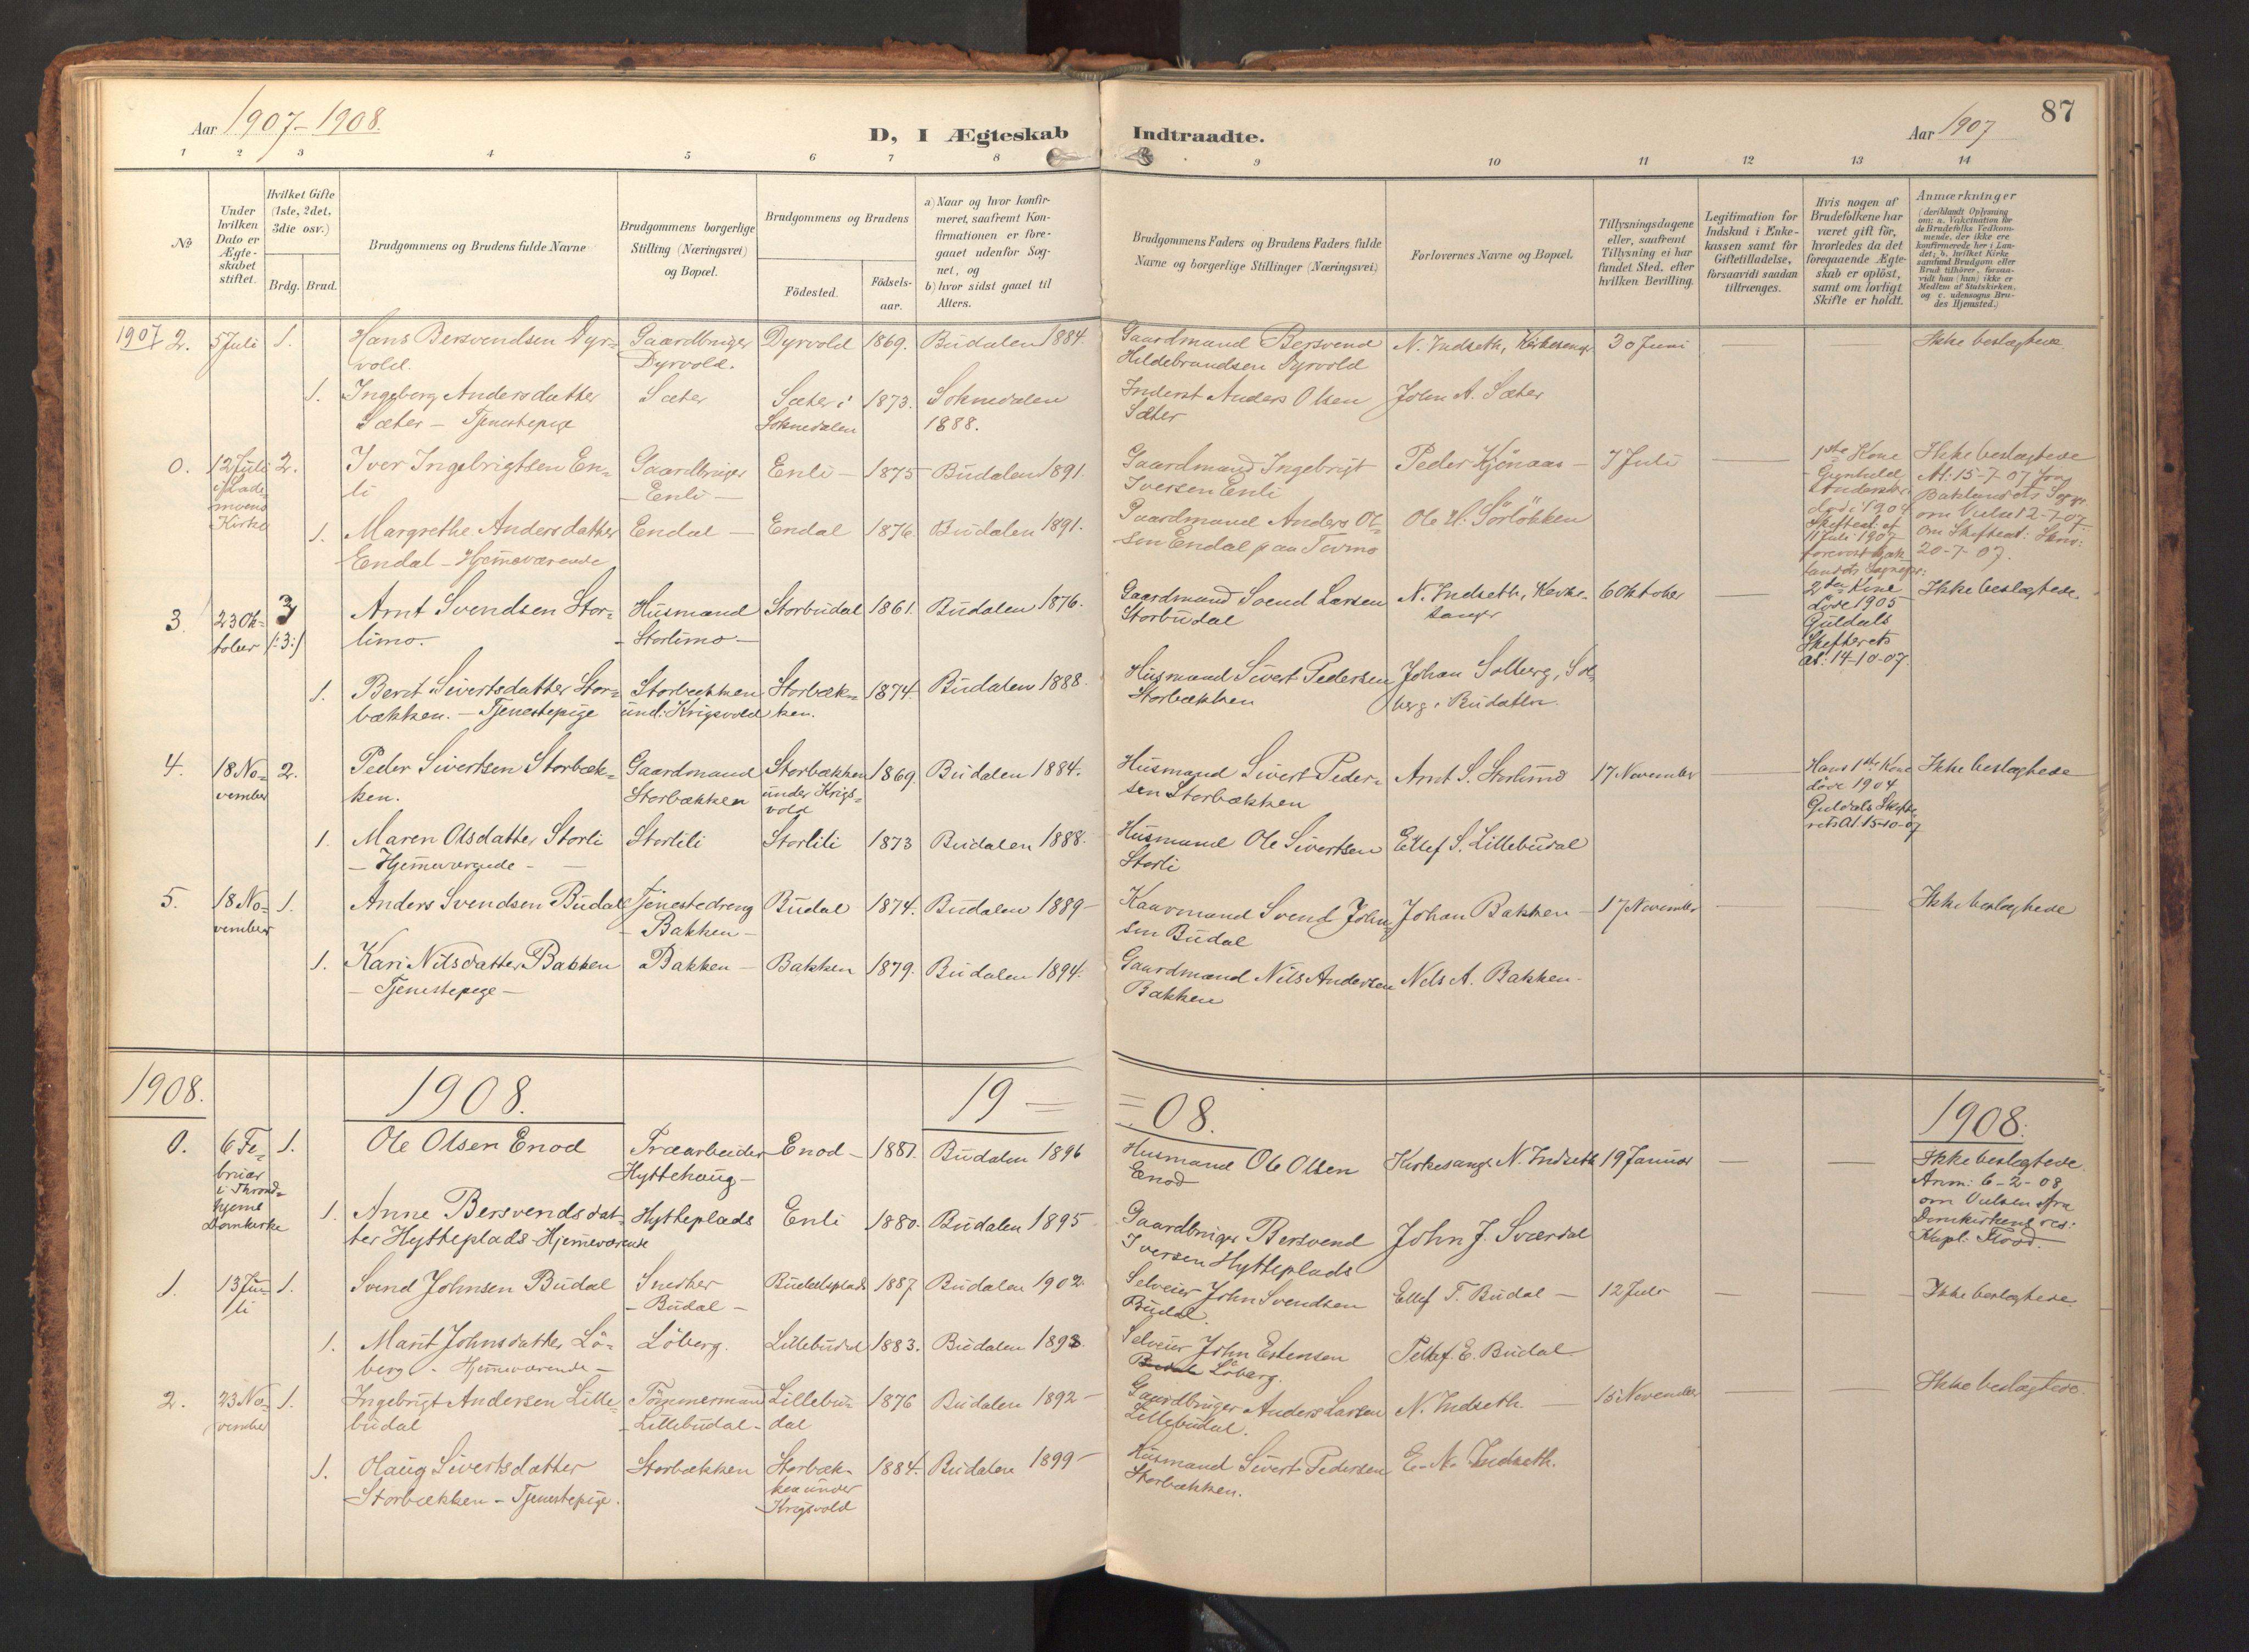 SAT, Ministerialprotokoller, klokkerbøker og fødselsregistre - Sør-Trøndelag, 690/L1050: Ministerialbok nr. 690A01, 1889-1929, s. 87